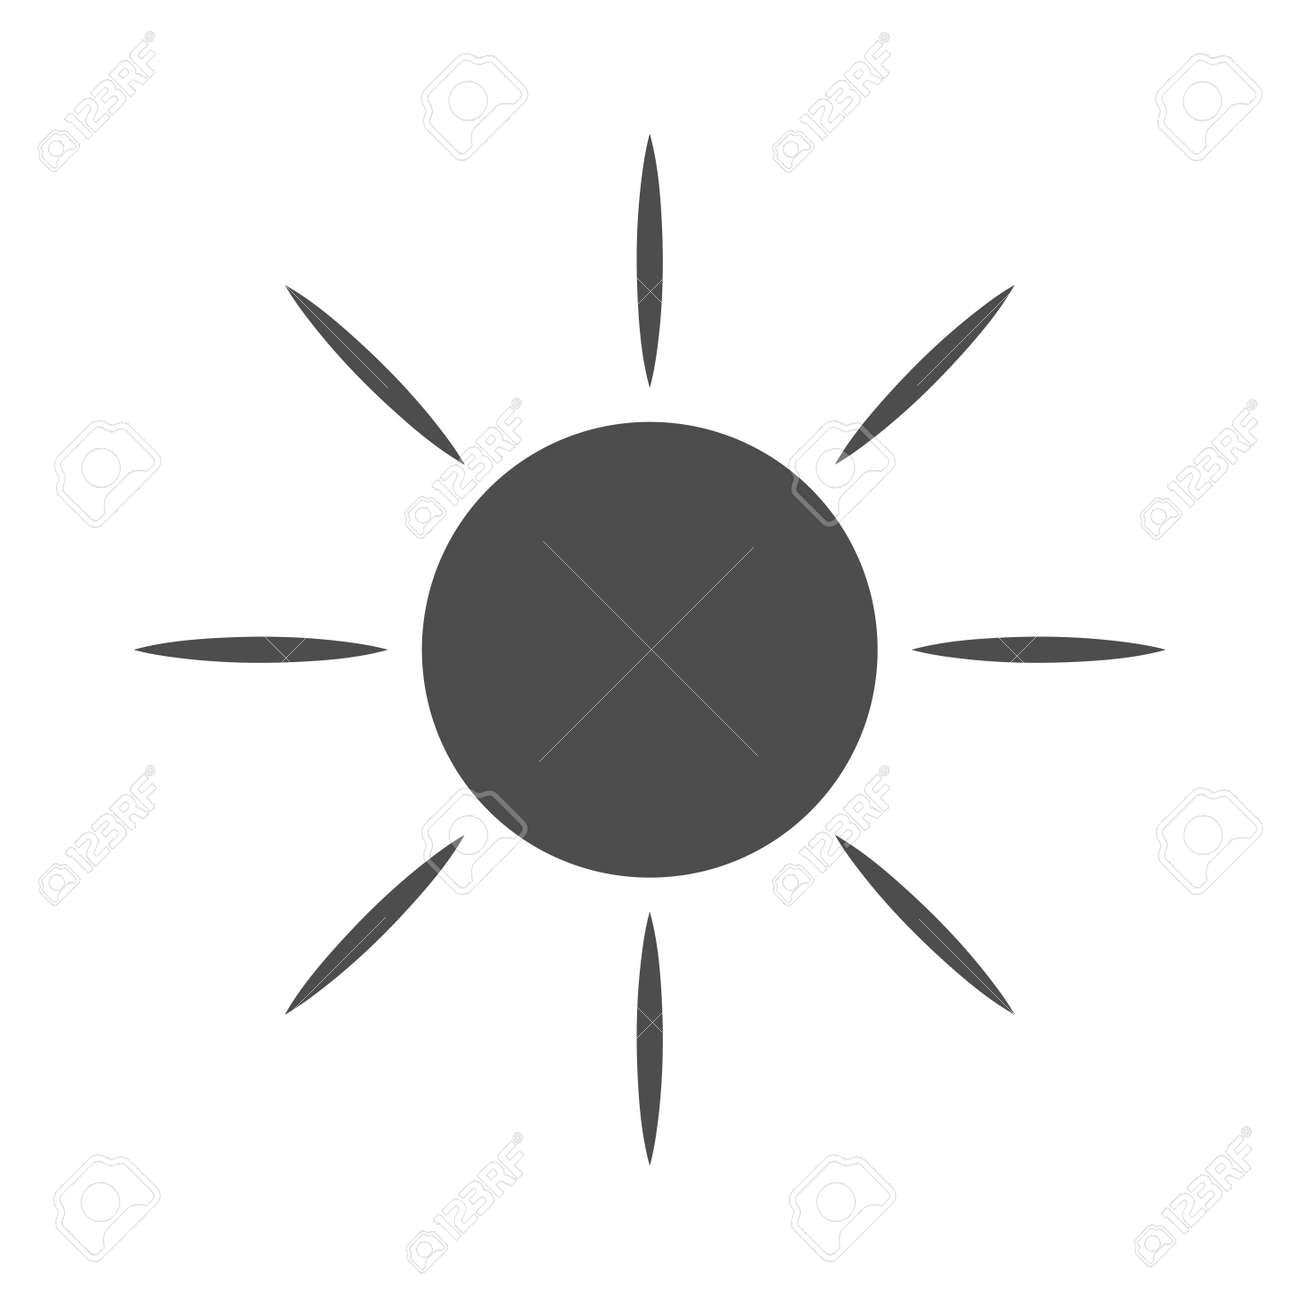 sun icone signe clair avec les rayons du soleil noir element de conception isole sur fond blanc symbole du lever du soleil la chaleur au soleil